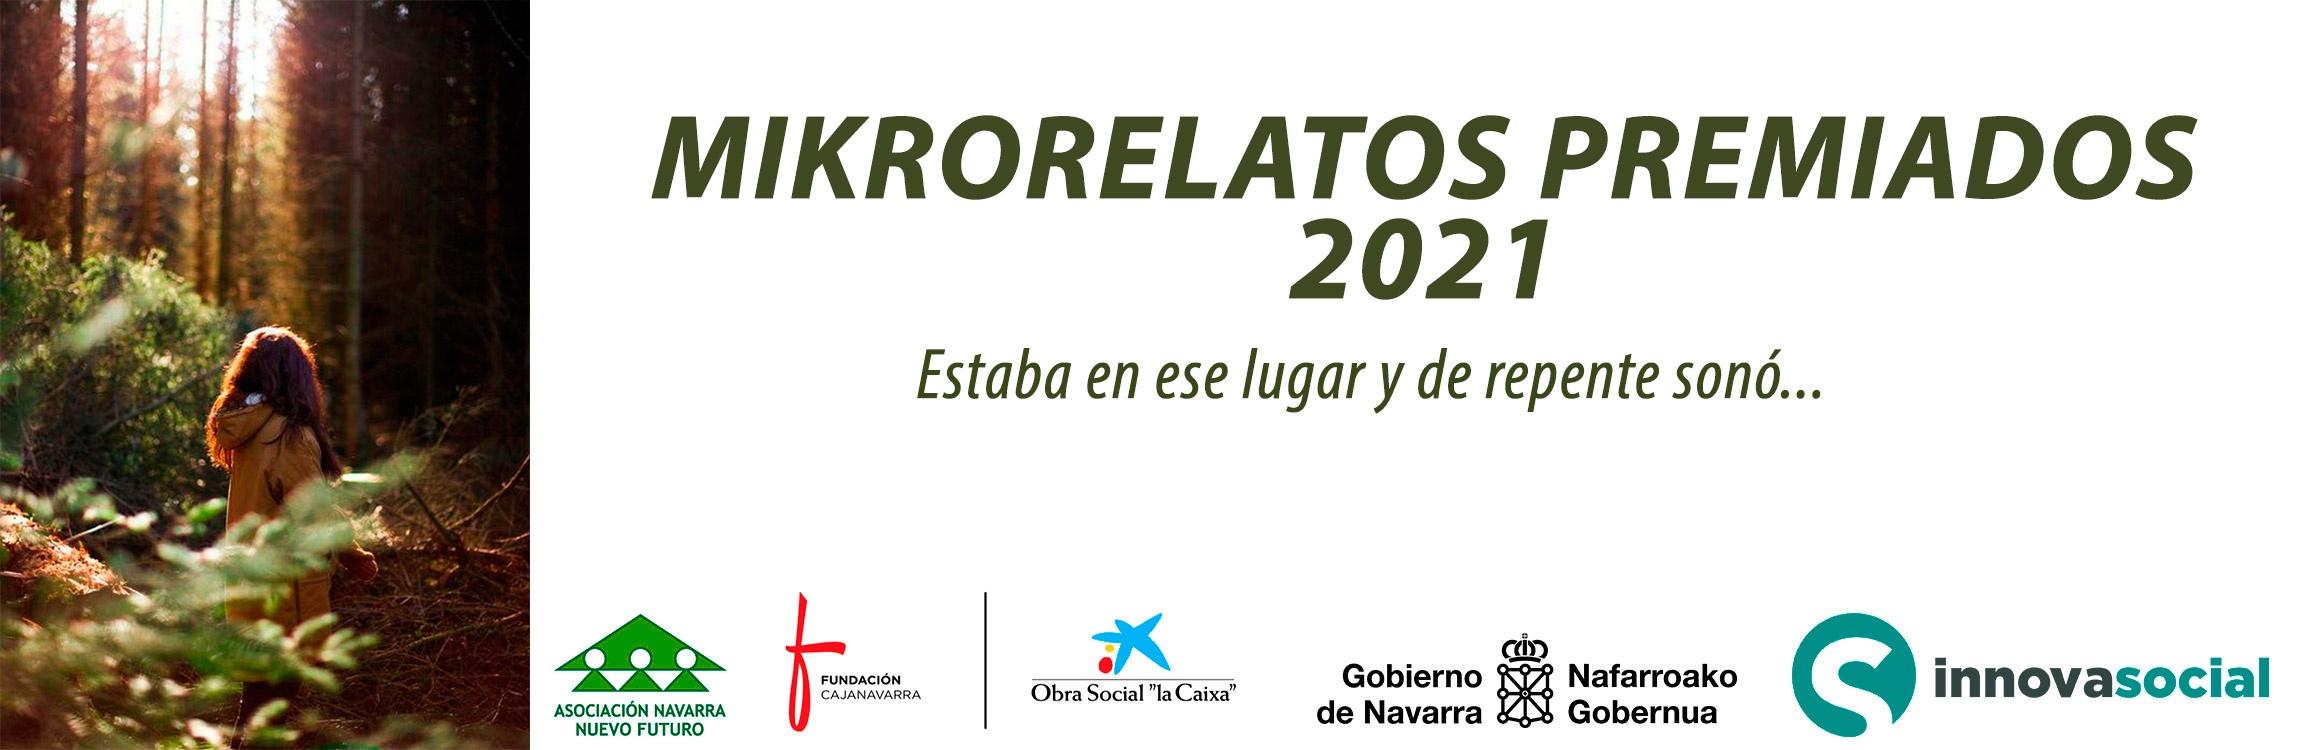 Imagen de la noticia Relatos ganadores de Mikrorelatos 2021